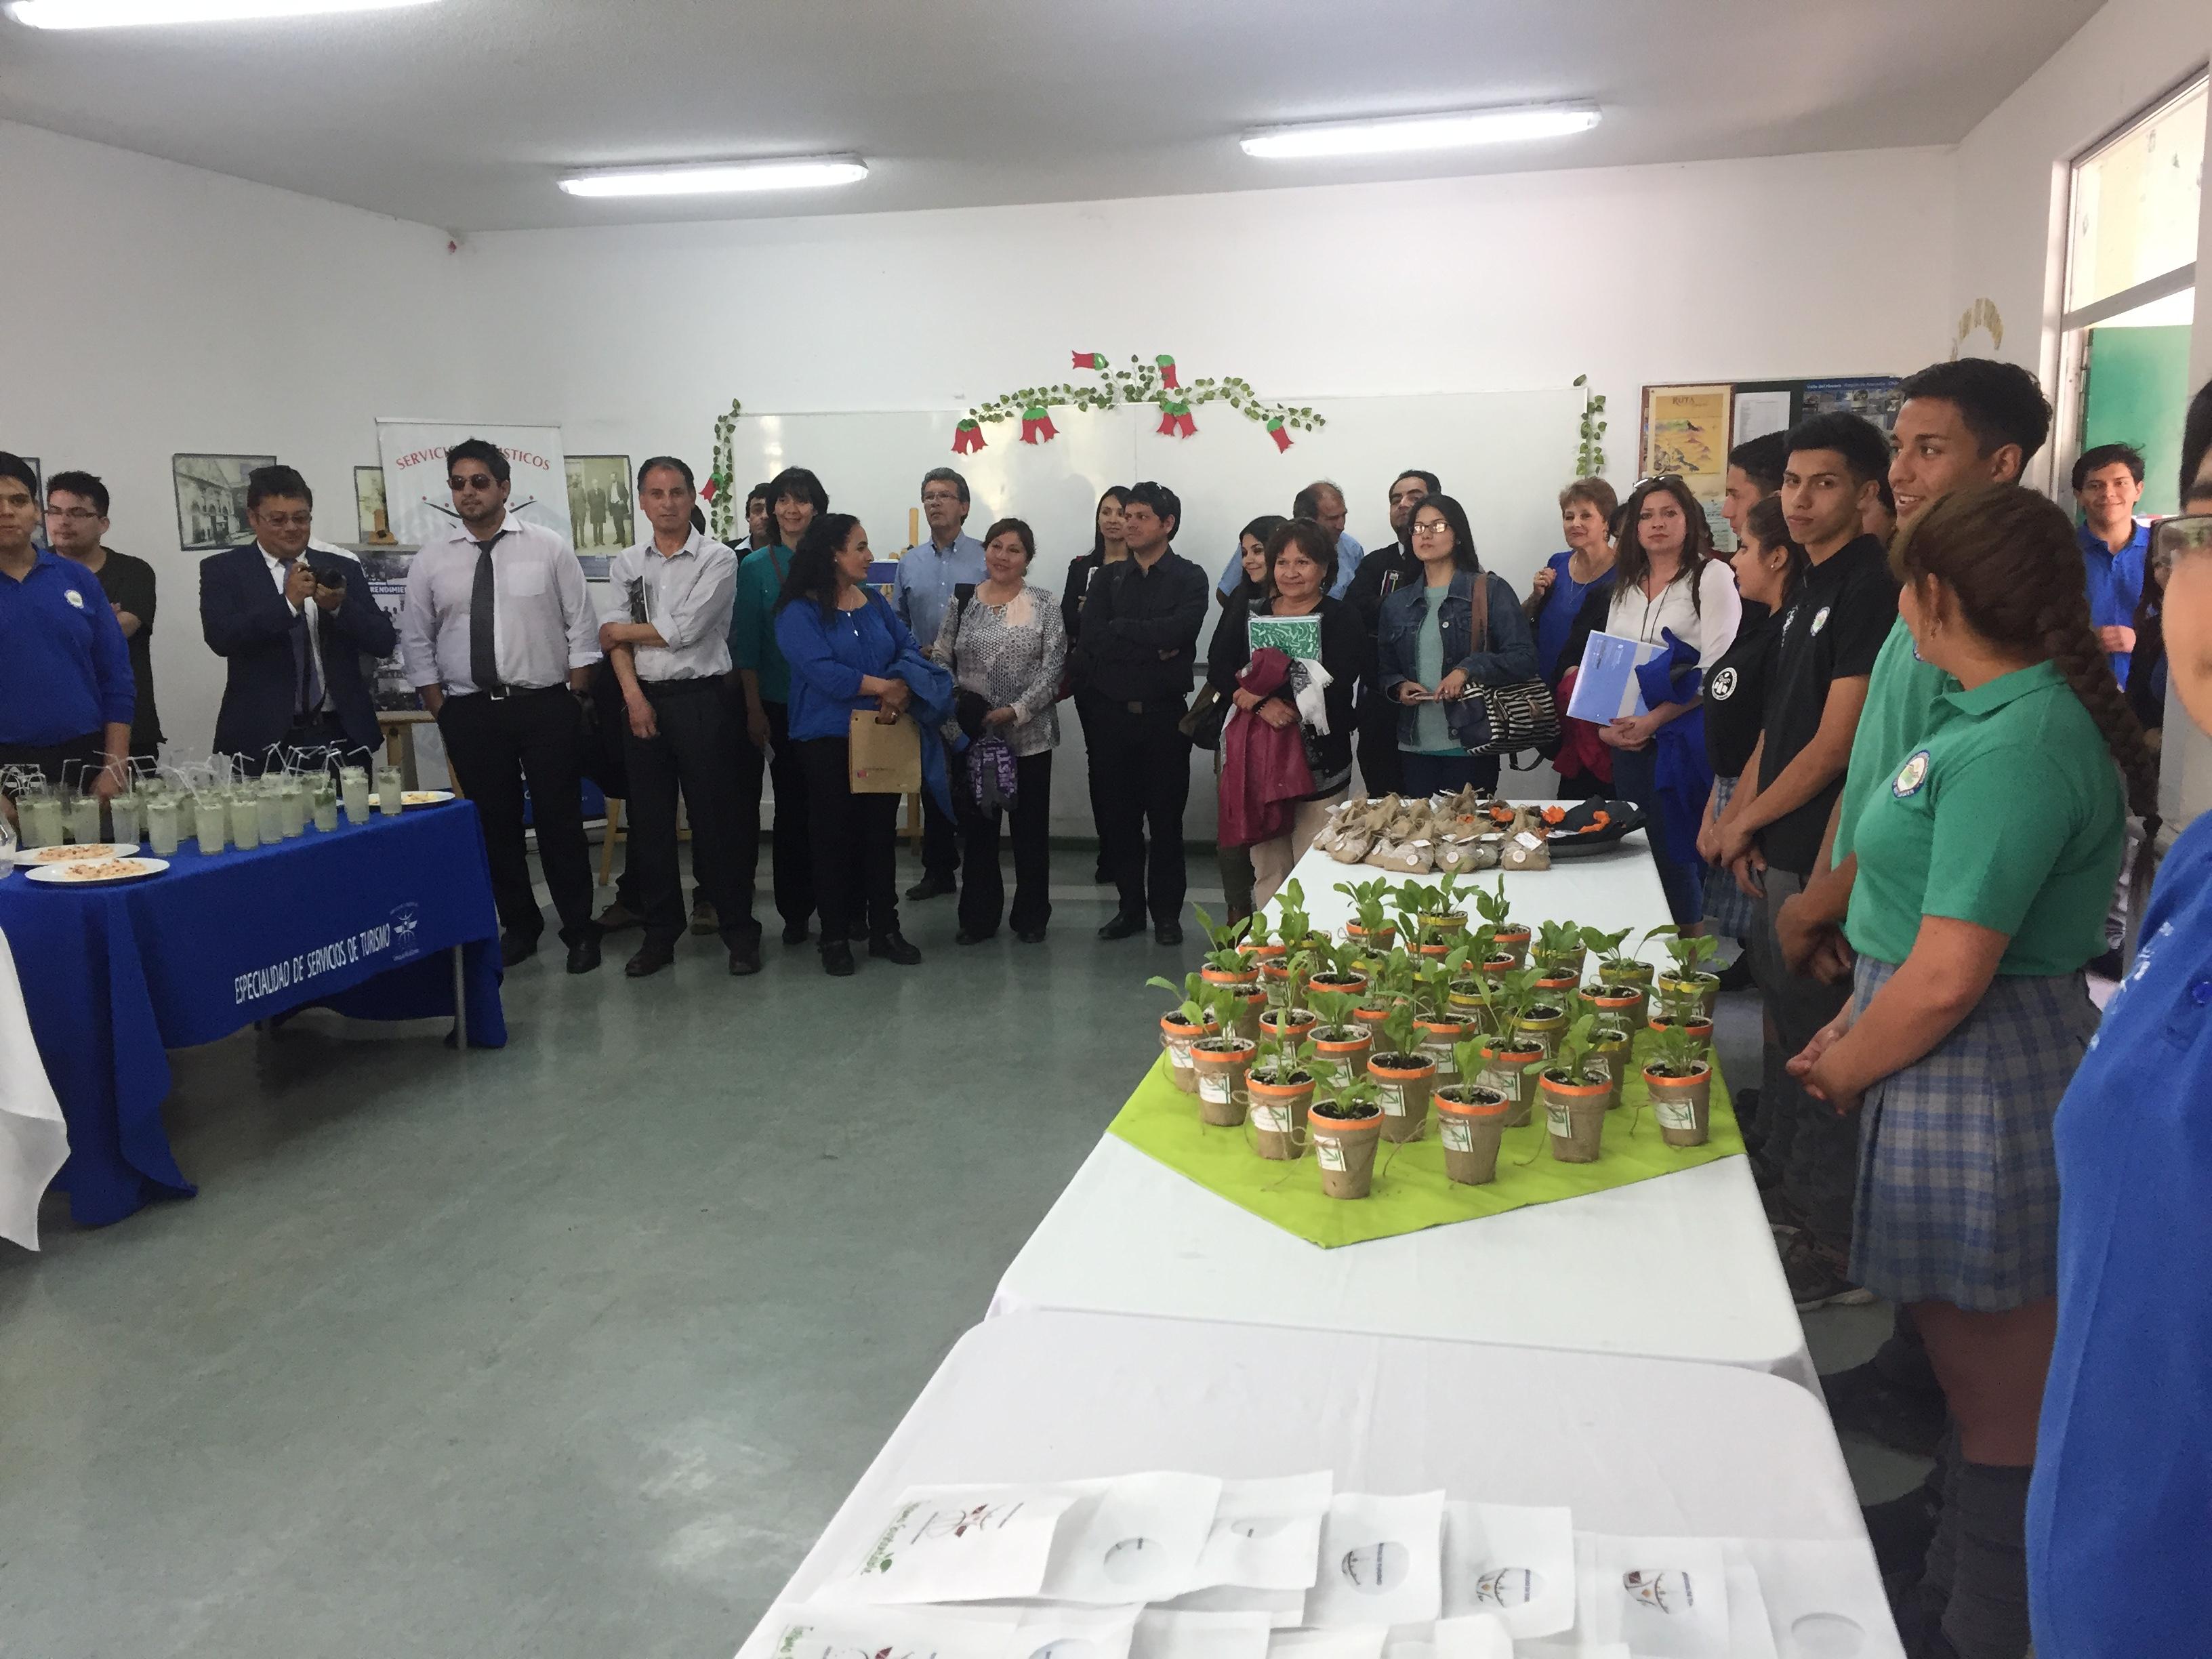 Aumentar la participación e inclusión son las metas de la red de convivencia escolar del Huasco